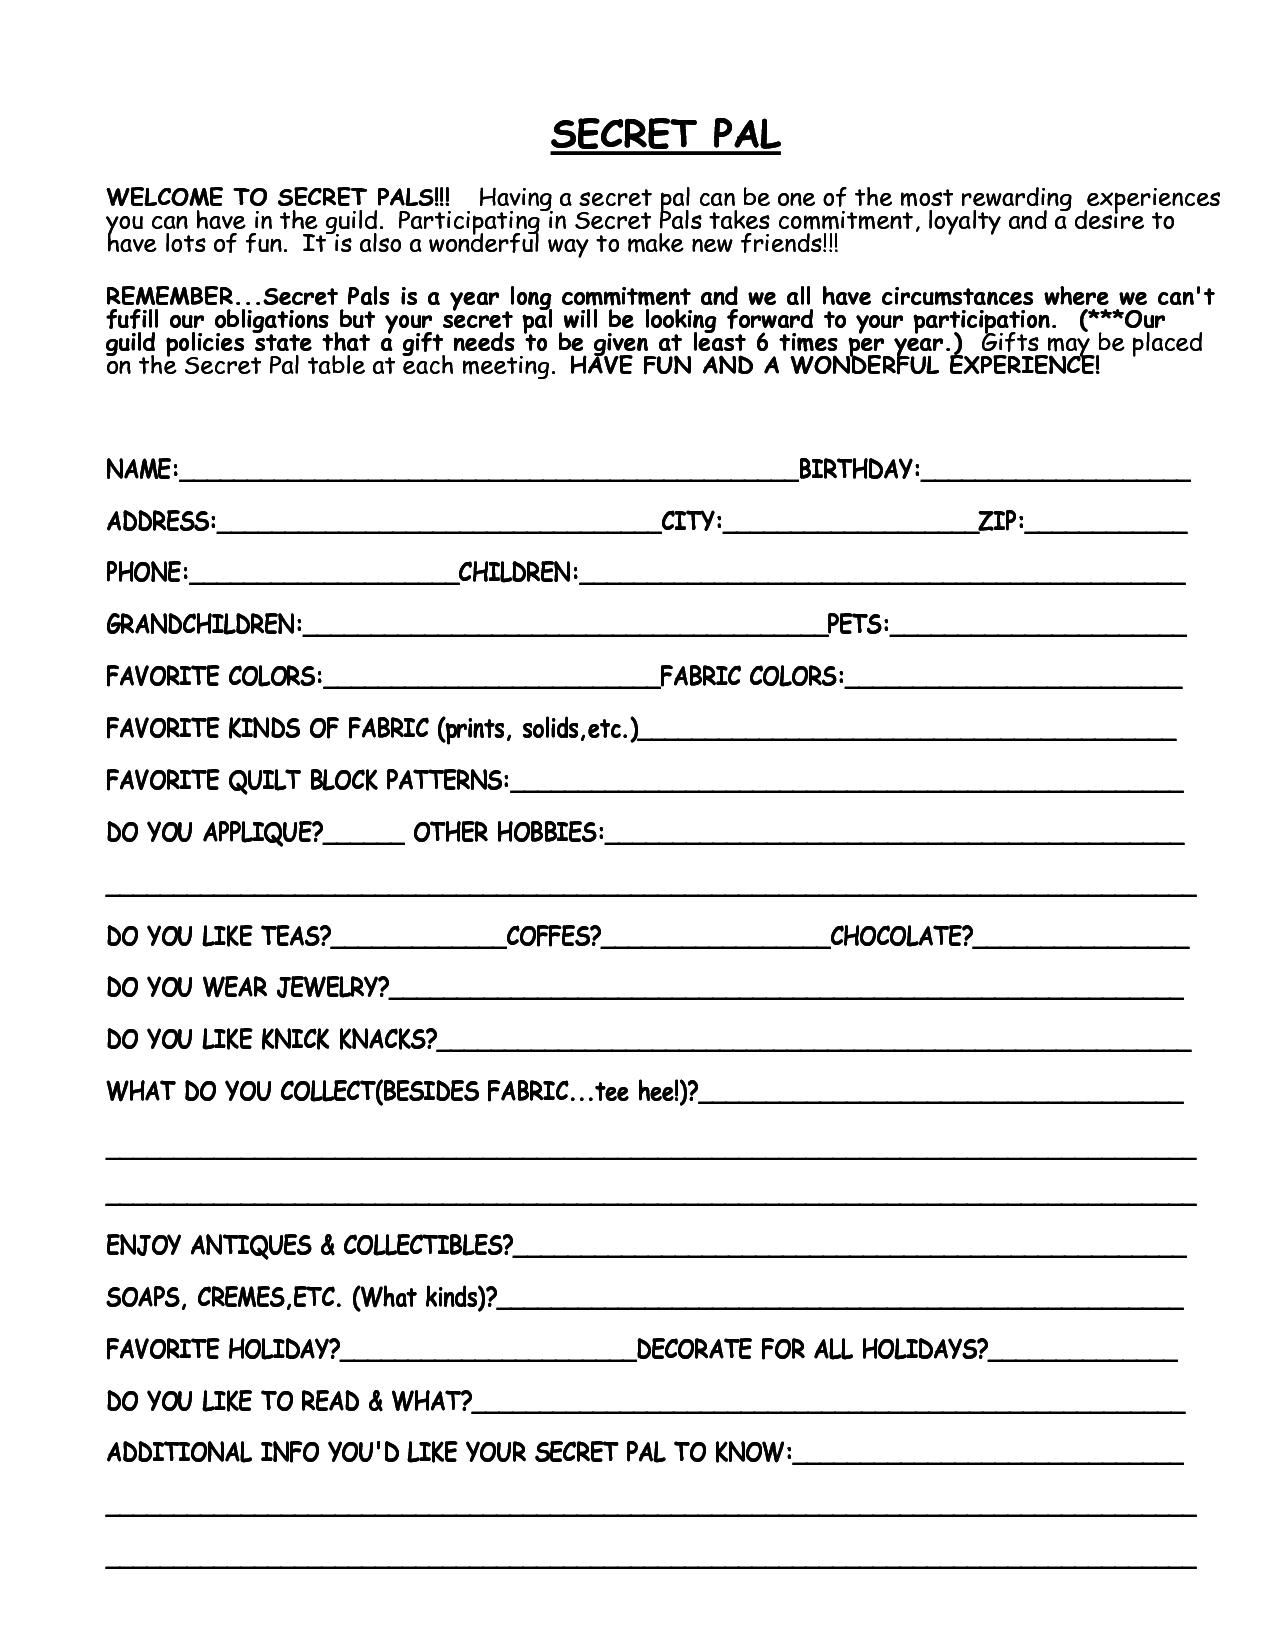 Printable+Secret+Santa+Questionnaire+Template | Misc | Secret Santa - Free Printable Secret Pal Forms